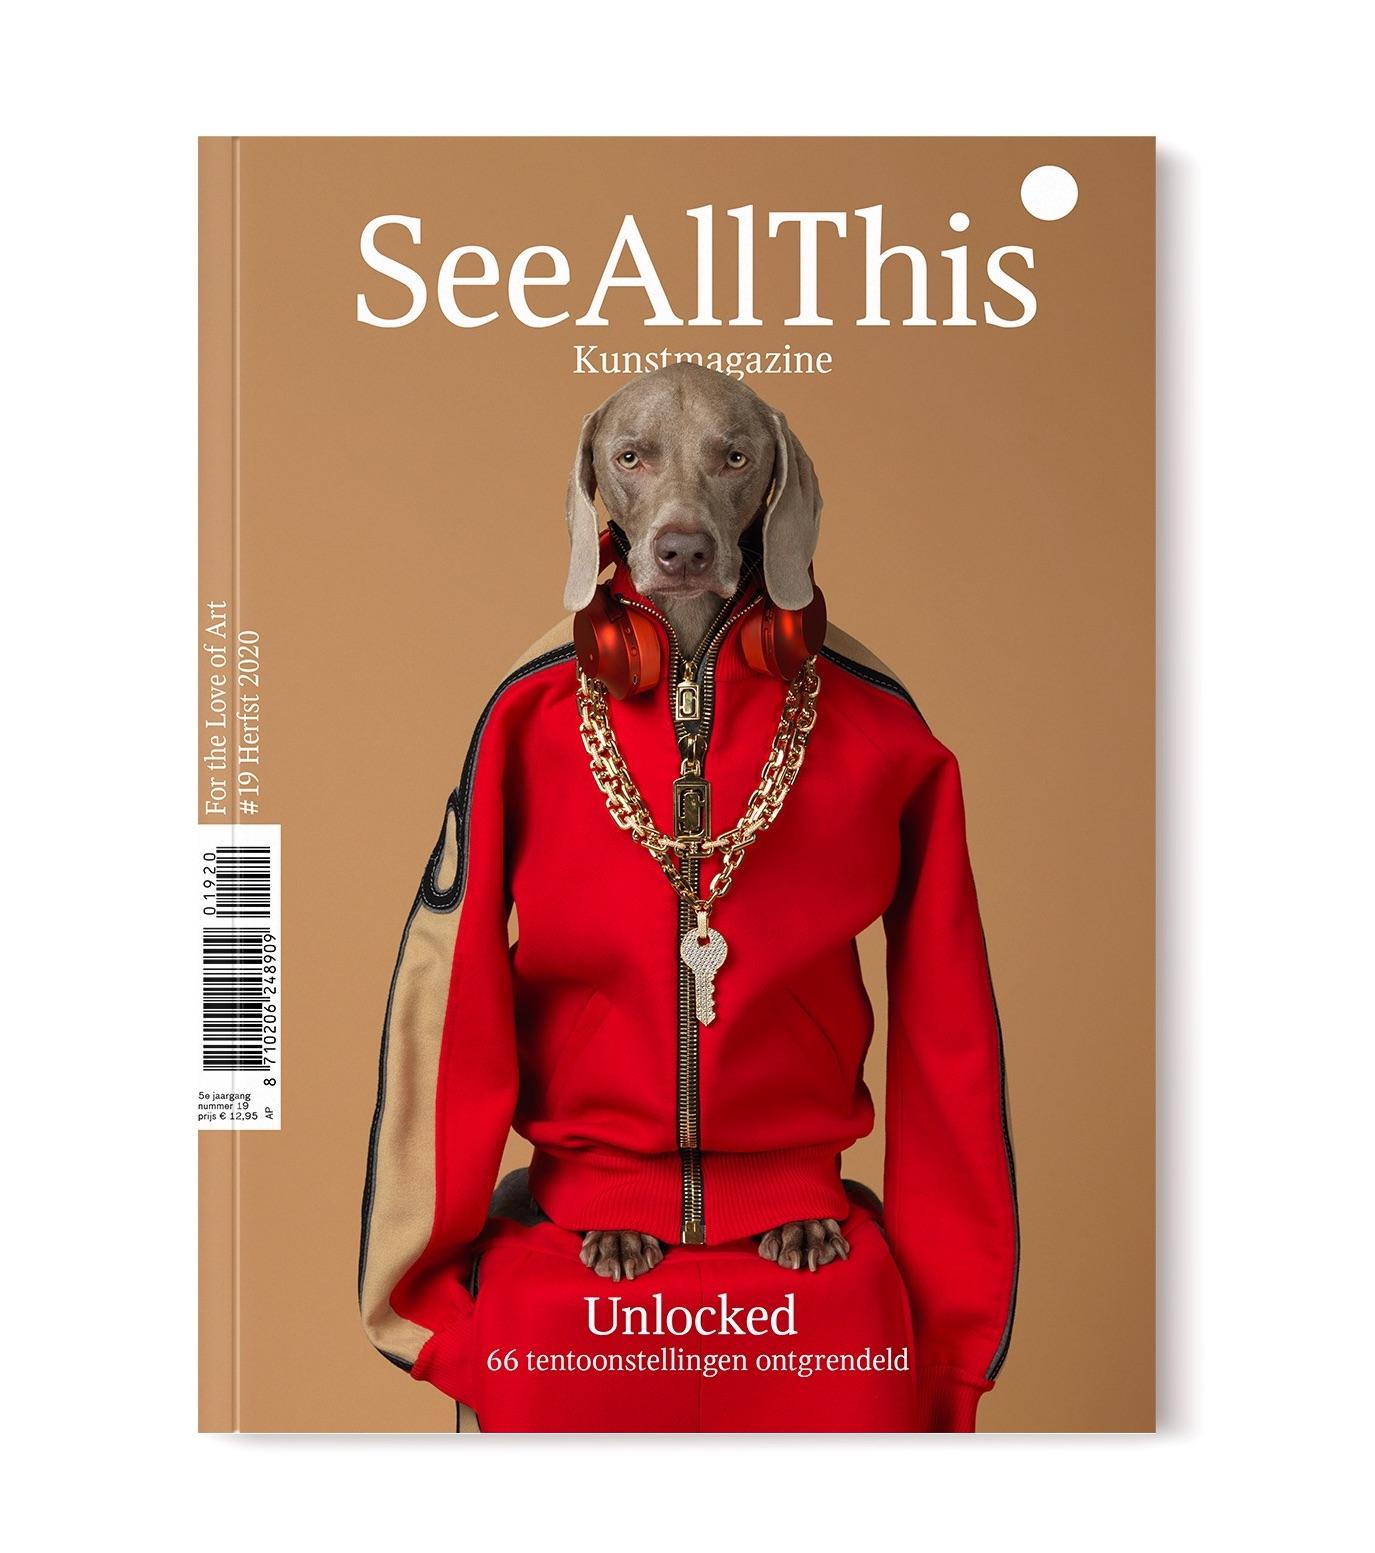 See All This herfstnummer 2020 cover